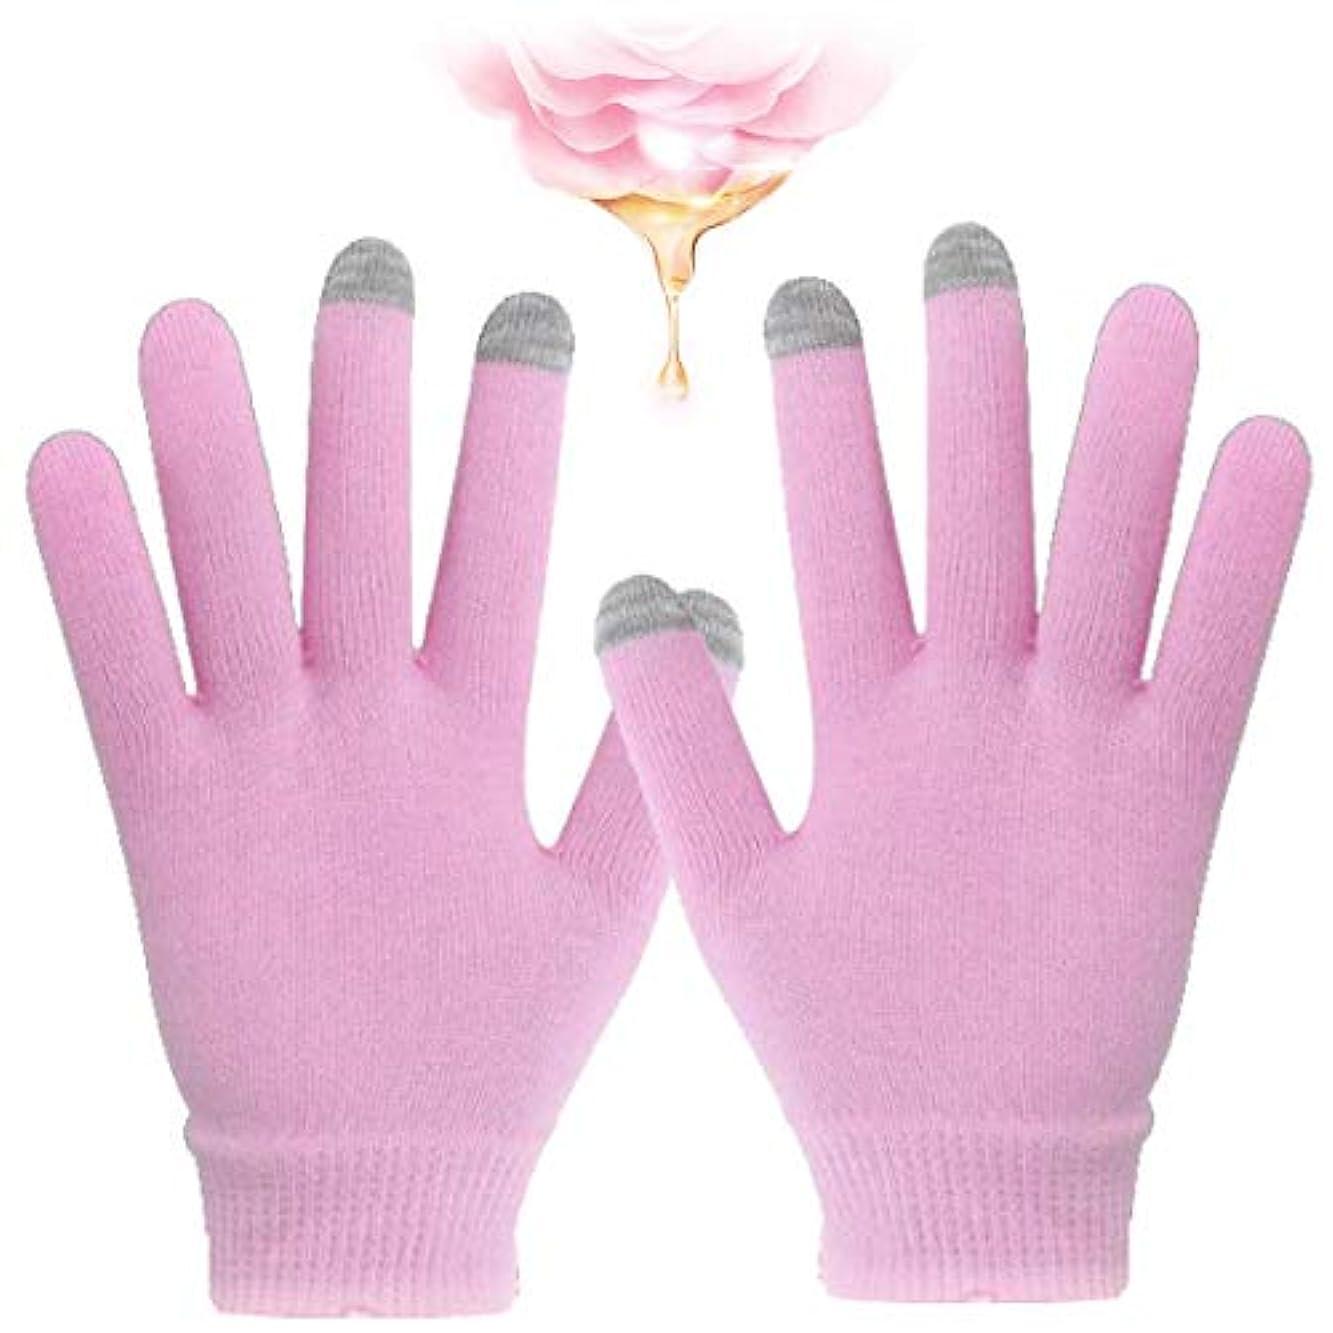 香ばしい規制するわずかなハンドケア 手袋 スマホ対応 手袋 ゲル 保湿 美容成分配合 手荒れ 対策 おやすみ スキンケア グローブ うるおい 保護 タブレット